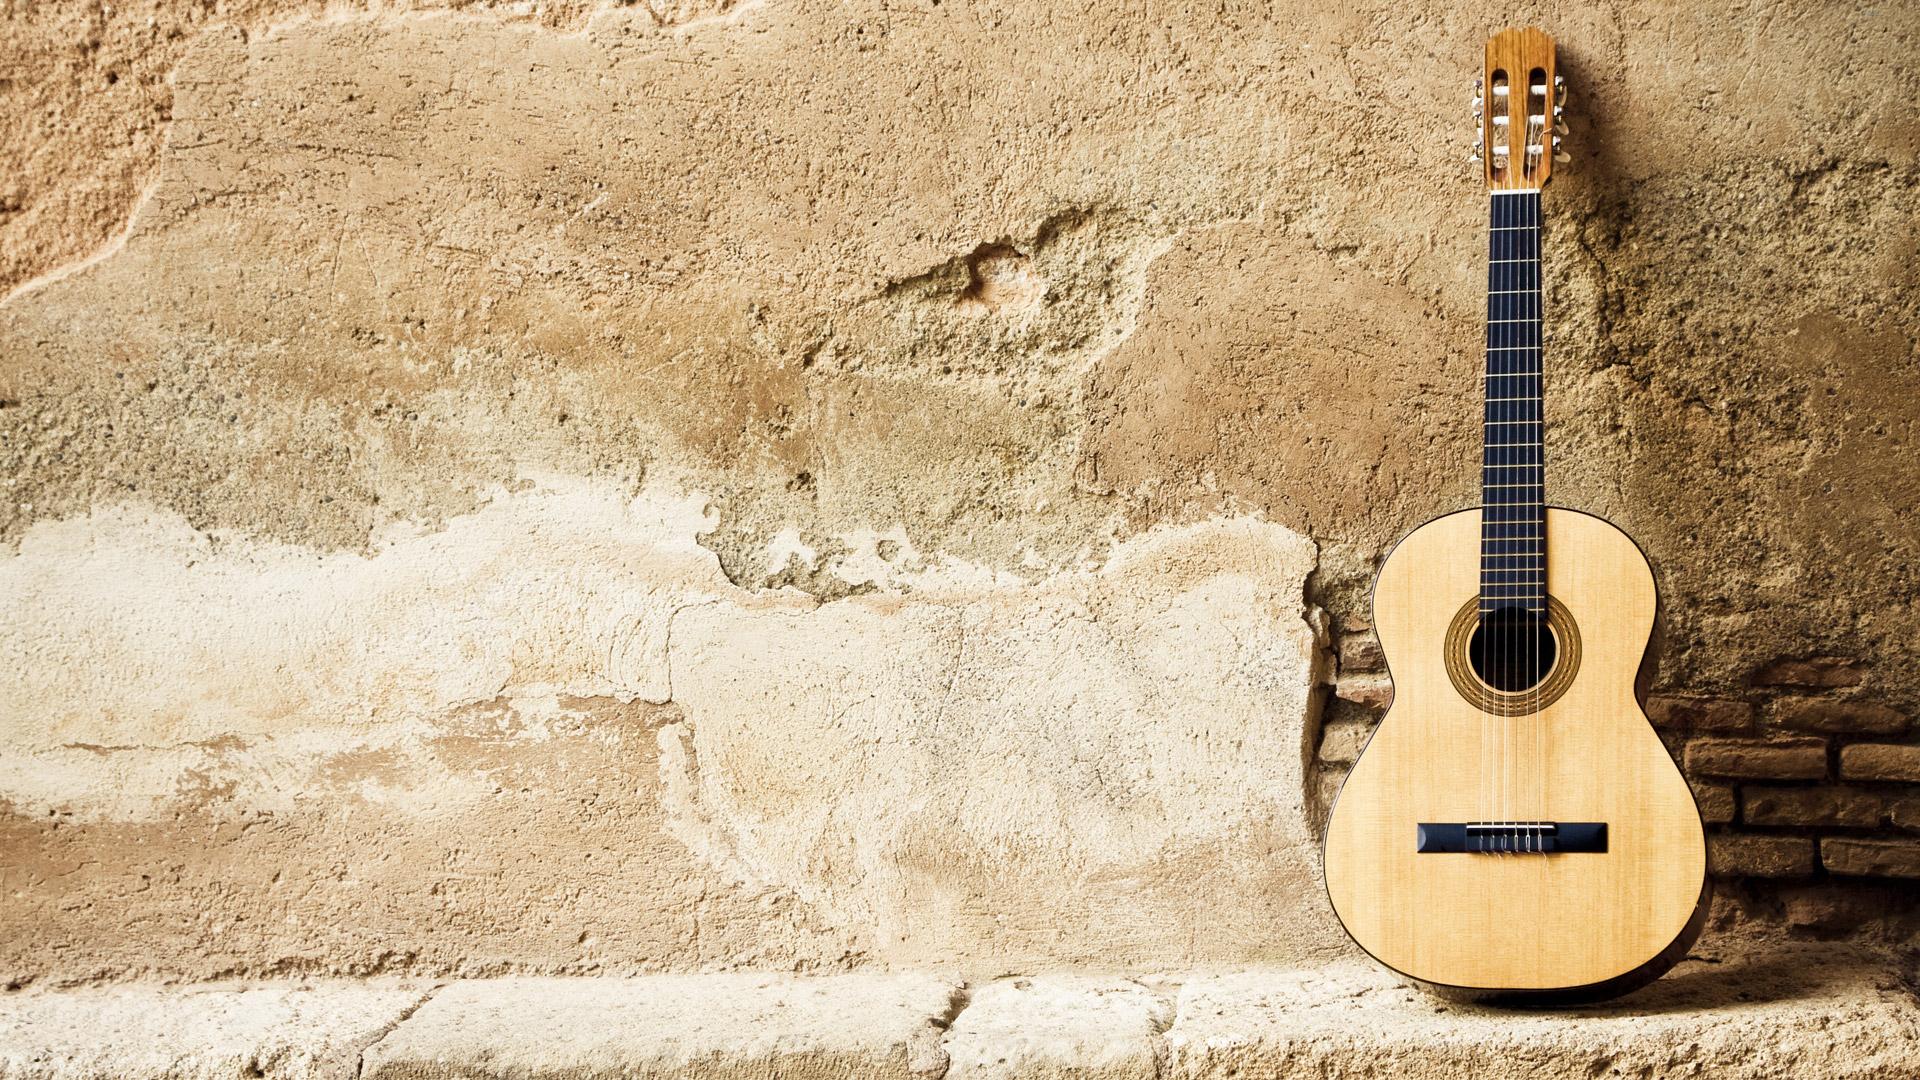 guitar wallpaper 45312 1920x1080 px hdwallsourcecom